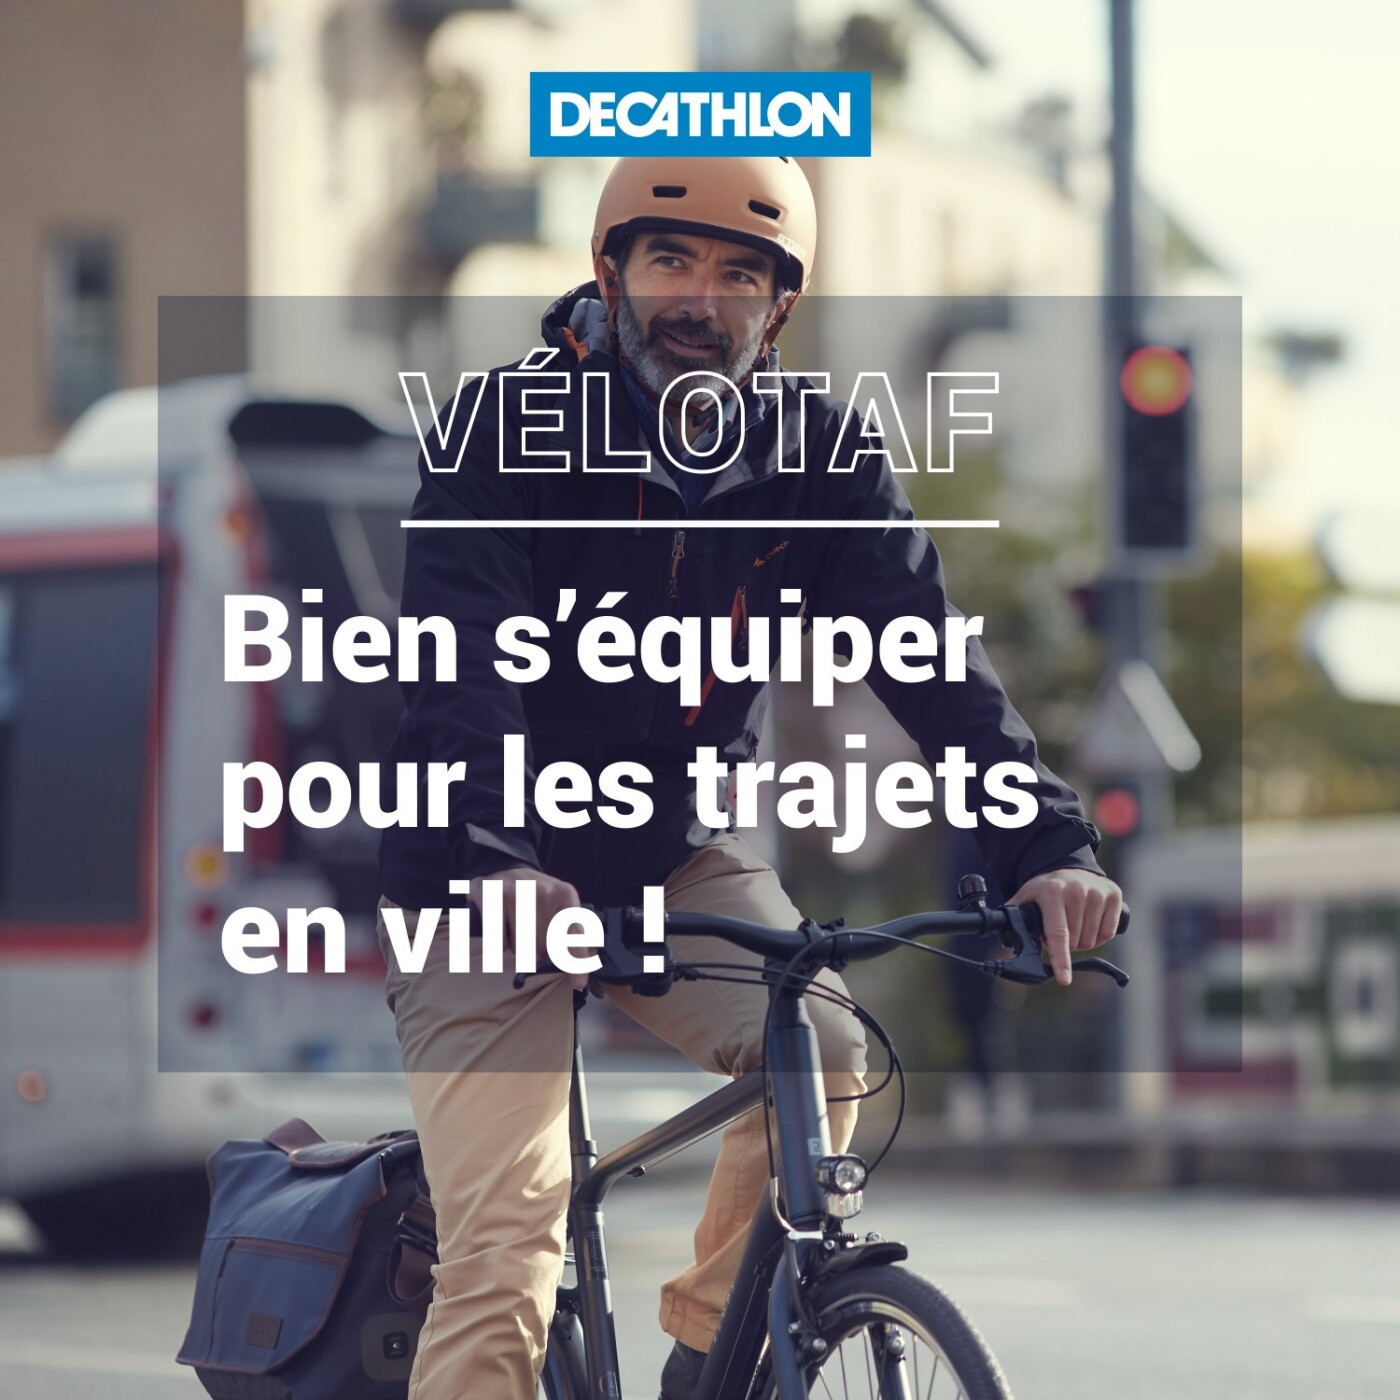 # 40 Vélotaf - Bien s'équiper pour les trajets en ville !